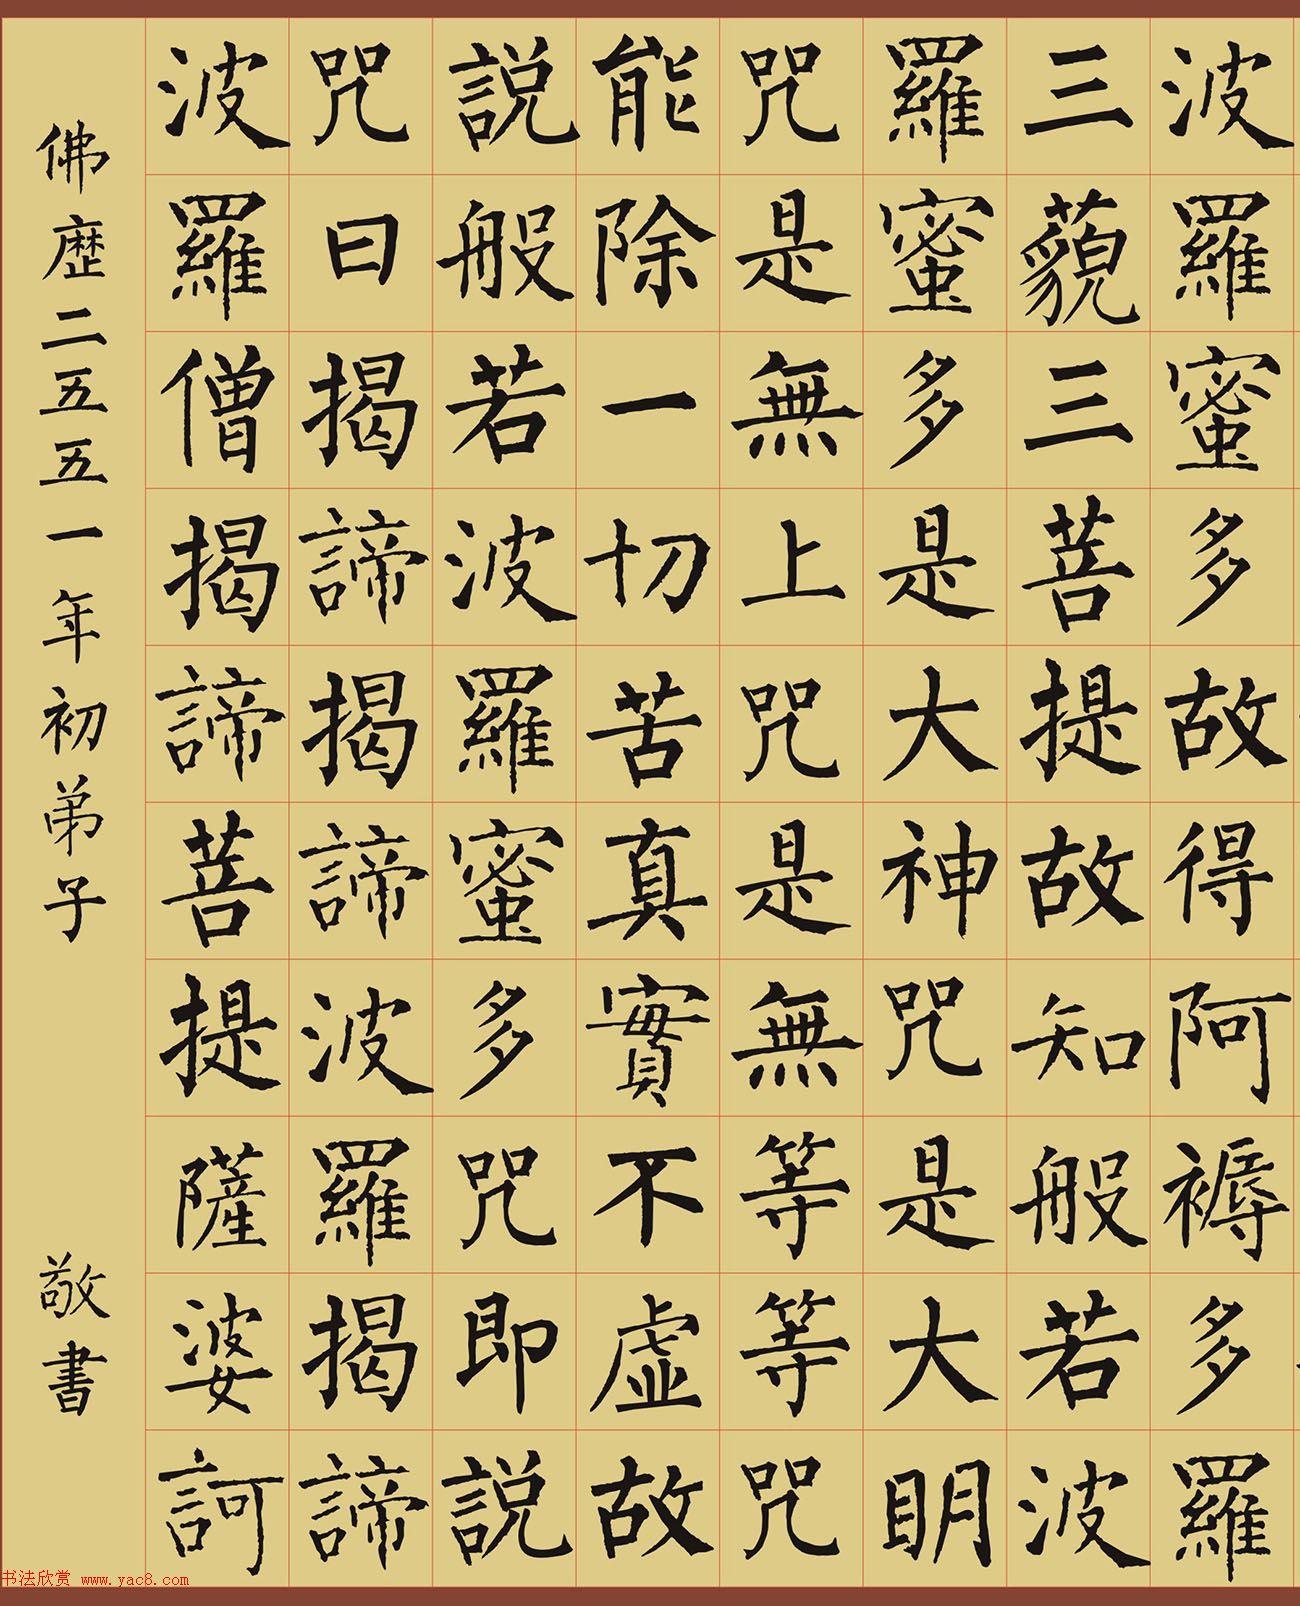 柳公权楷书集字《心经》2种